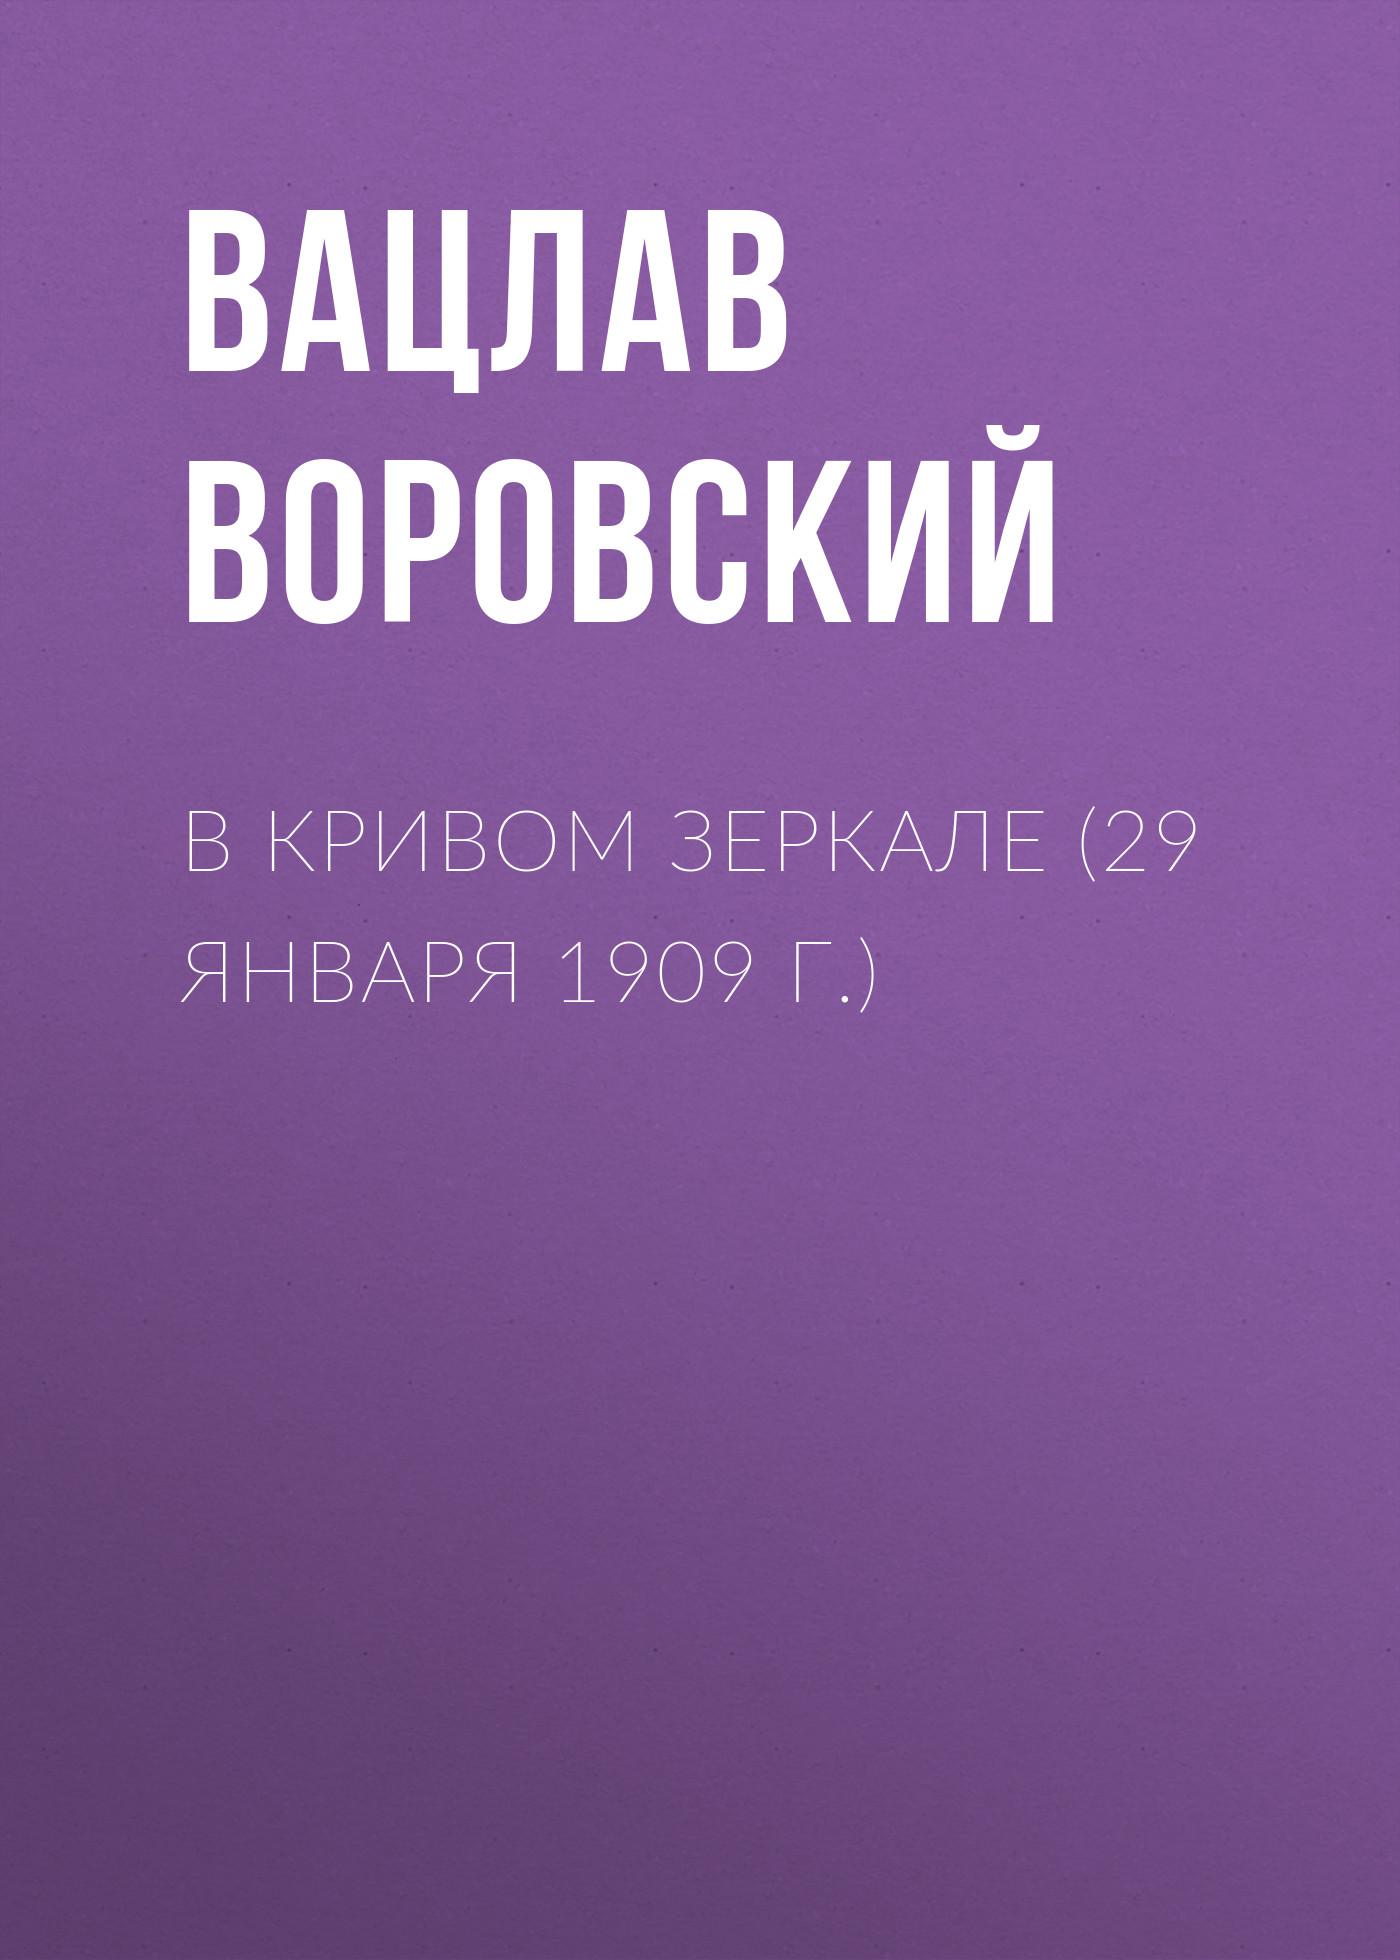 Вацлав Воровский В кривом зеркале (29 января 1909 г.) вацлав воровский цыпочка